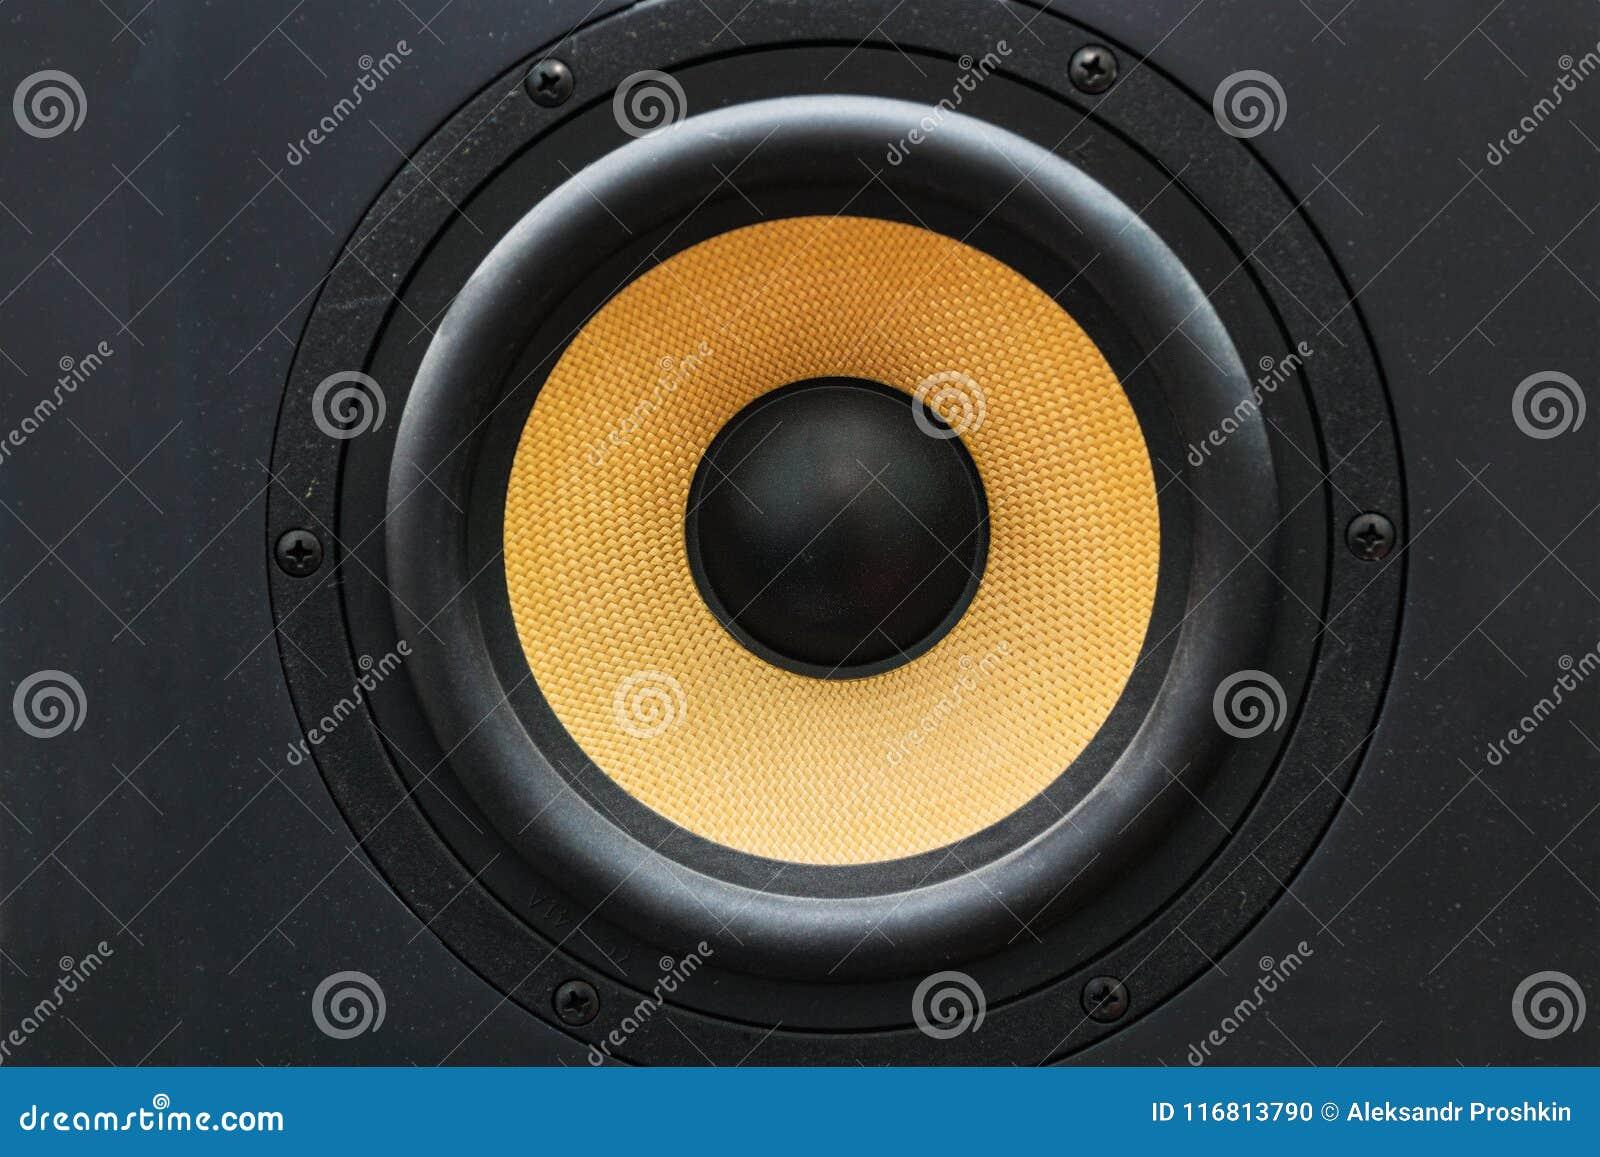 Sprecherlautsprecher mit gelbem Diffusor